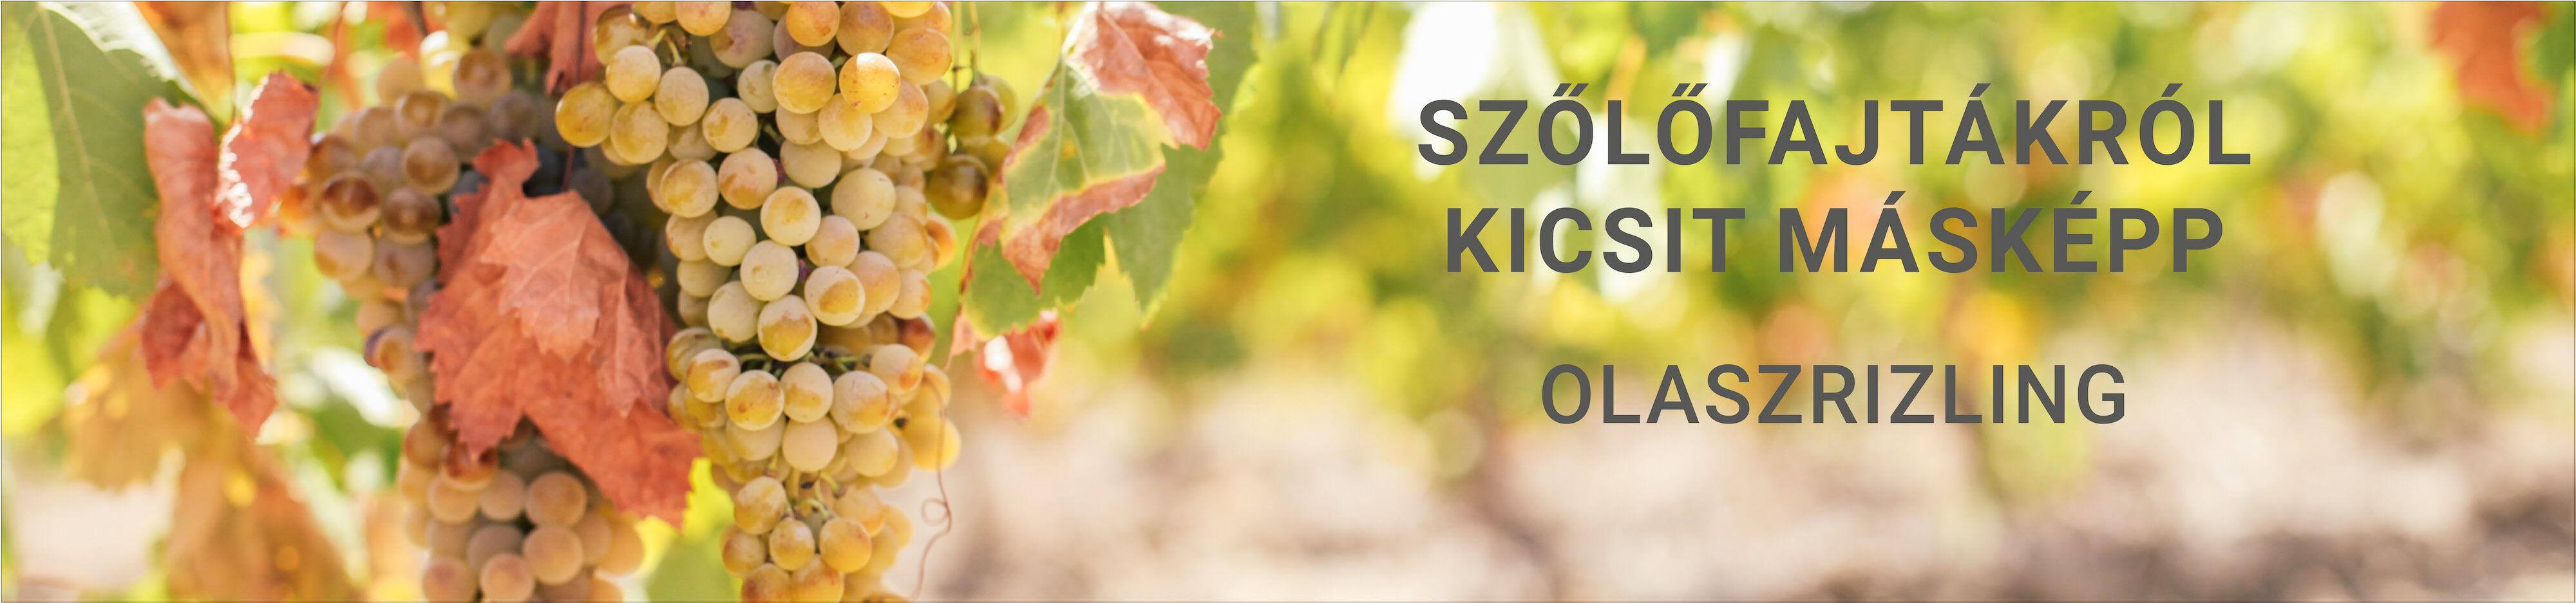 Olaszrizling szőlőfajta - Olaszrizling bor